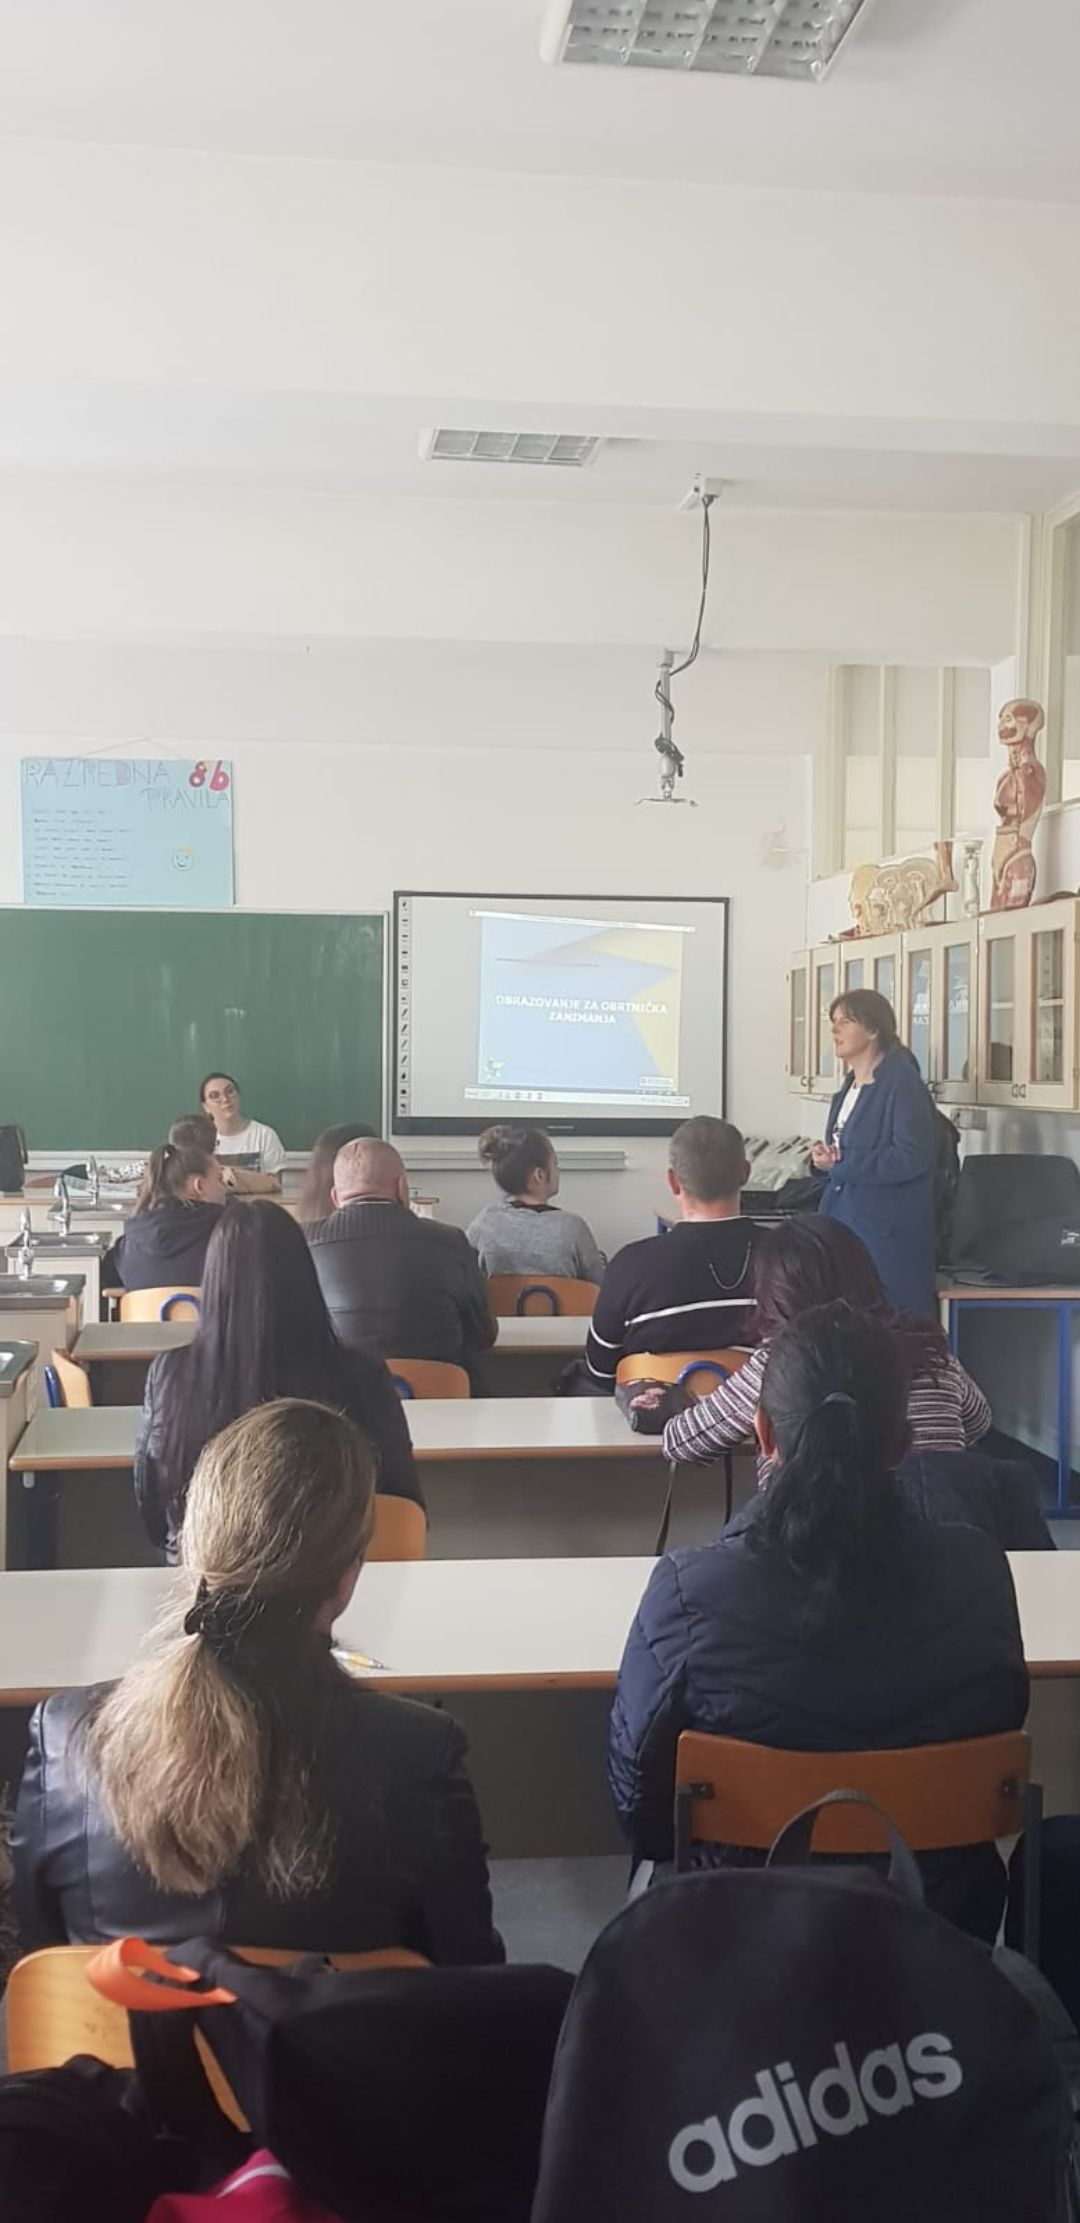 U sklopu projekta P.s.-Pokreni se dana 06.05.2019. održana je prezentacija užeg projektnog tima kao dio aktivnosti promocije deficitarnih zanimanja. Prezentacija je održana u OŠ Vojnić s početkom u 11:30h.  Stručni tim kojeg čine predstavnici projektnih partnera (HZZ, ŽGK Korak, Obrtnička komora Karlovac, Udruga Carpe Diem) i predstavnik privatnog sektora. Prezentacijom su djeca OŠ Vojnić te njihovi roditelji, upoznati sa zanimanjima koja su potrebna na tržištu rada, predstavnica ŽGK Korak pokušala im je ukloniti predrasude o tim zanimanjima kao isključivo muškim, te su od strane predstavnice Udruge Carpe Diem dobili informacije kako im oni mogu pomoći u svemu. Predstavnica Obrtničke komore uputila je prisutne o upisima u škole za deficitarna zanimanja, stipendijama te mogućnostima zarade već tokom školovanja. Prikazan je i video koji na slikovit način prikazuje kako bi svijet izgledao da ne postoje obrtnici i poduzetnici iz sektora ovih zanimanja.  U sklopu prezentacije gost predavač iz privatnog sektora gosp. Dubravko Draganjac, opisao je svoj poslovni put od upisa u školu za jedno od deficitarnih zanimanja do otvaranja danas jednog od najuspješnijeg obrta na području Karlovca. Na kraju prezentacije asistentica projekta zahvalila se prisutnima na dolasku te ih uputila u mogućnostima posjeta proizvodnim pogonima različitim poslodavcima na području Karlovačke županije, koje će biti uskoro organizirano. Djeca su tokom cijele prezentacije aktivno sudjelovala u komunikaciji sa članovima projektnog tima a neki su iskazali i želju za upisom u deficitarna zanimanja. Nakon prezentacije djeci i roditeljima su podijeljene programske brošure o deficitarnim zanimanjima.